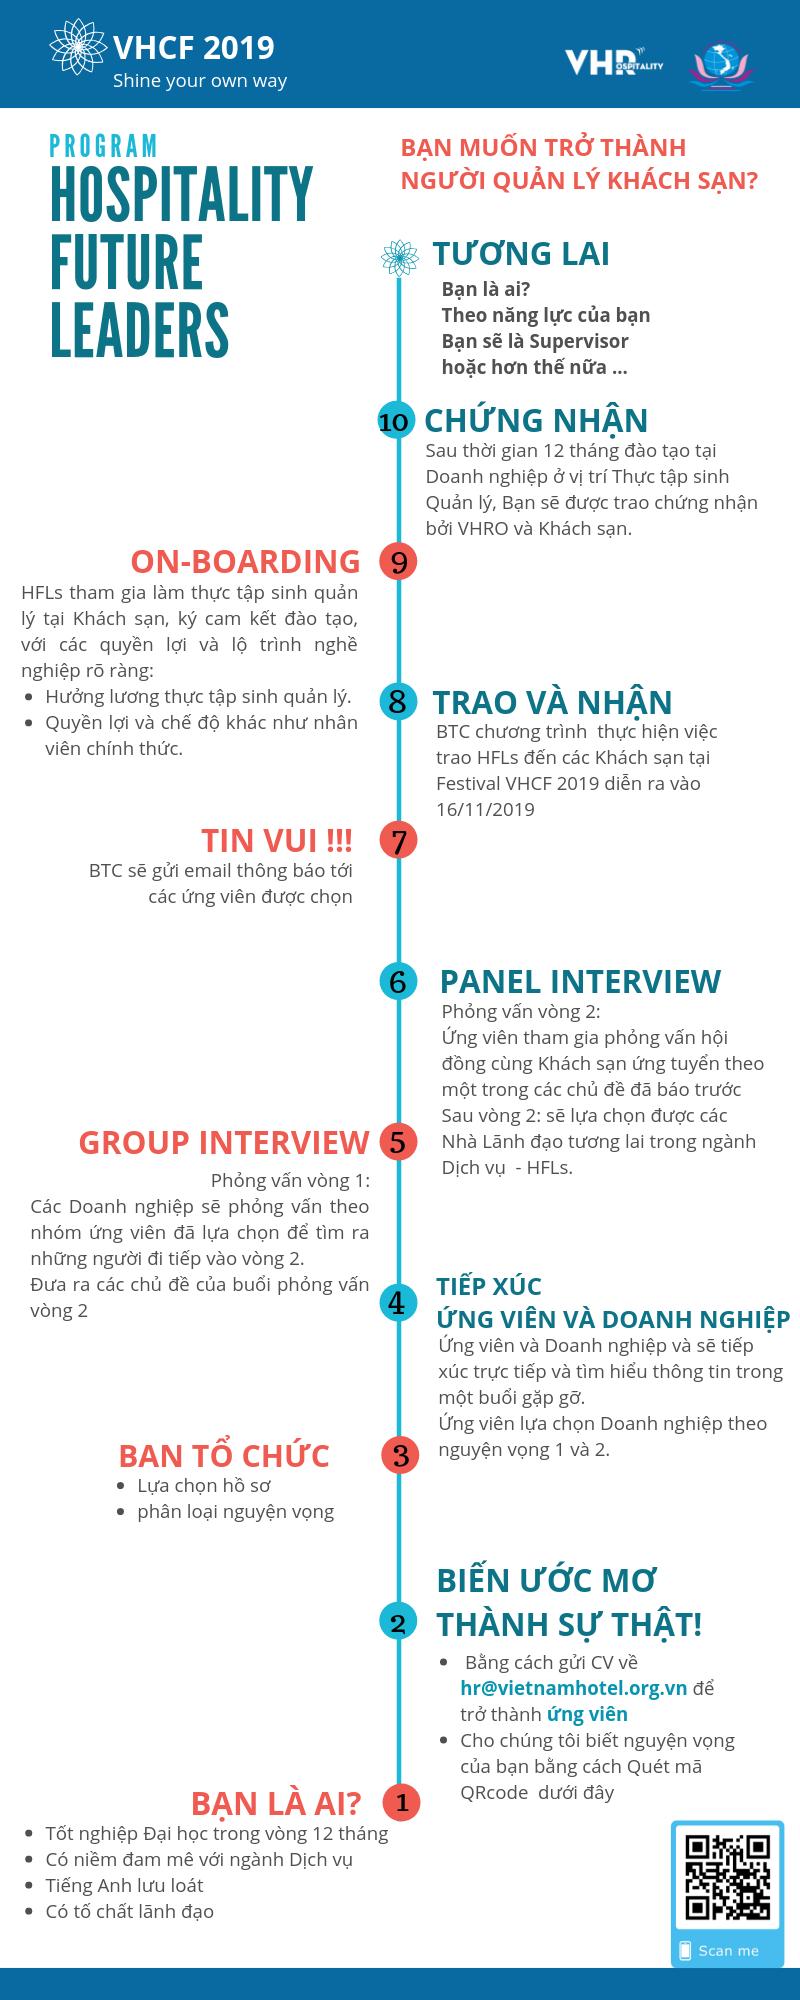 Hiệp hội Khách sạn Việt Nam tuyển dụng thực tập sinh quản lý